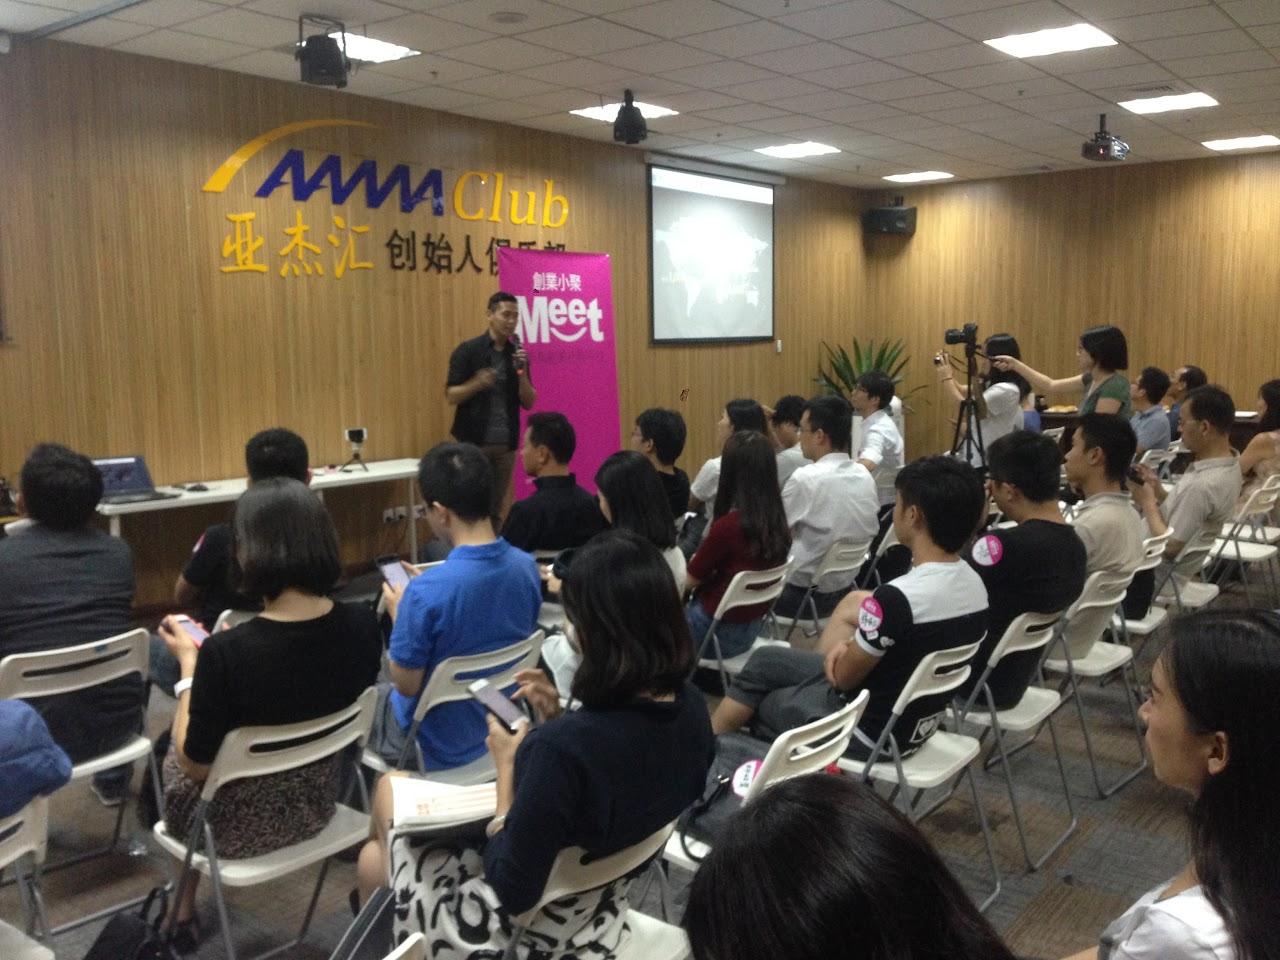 [Meet 北京] 前進中國創業圈,你必須知道的幾件事!